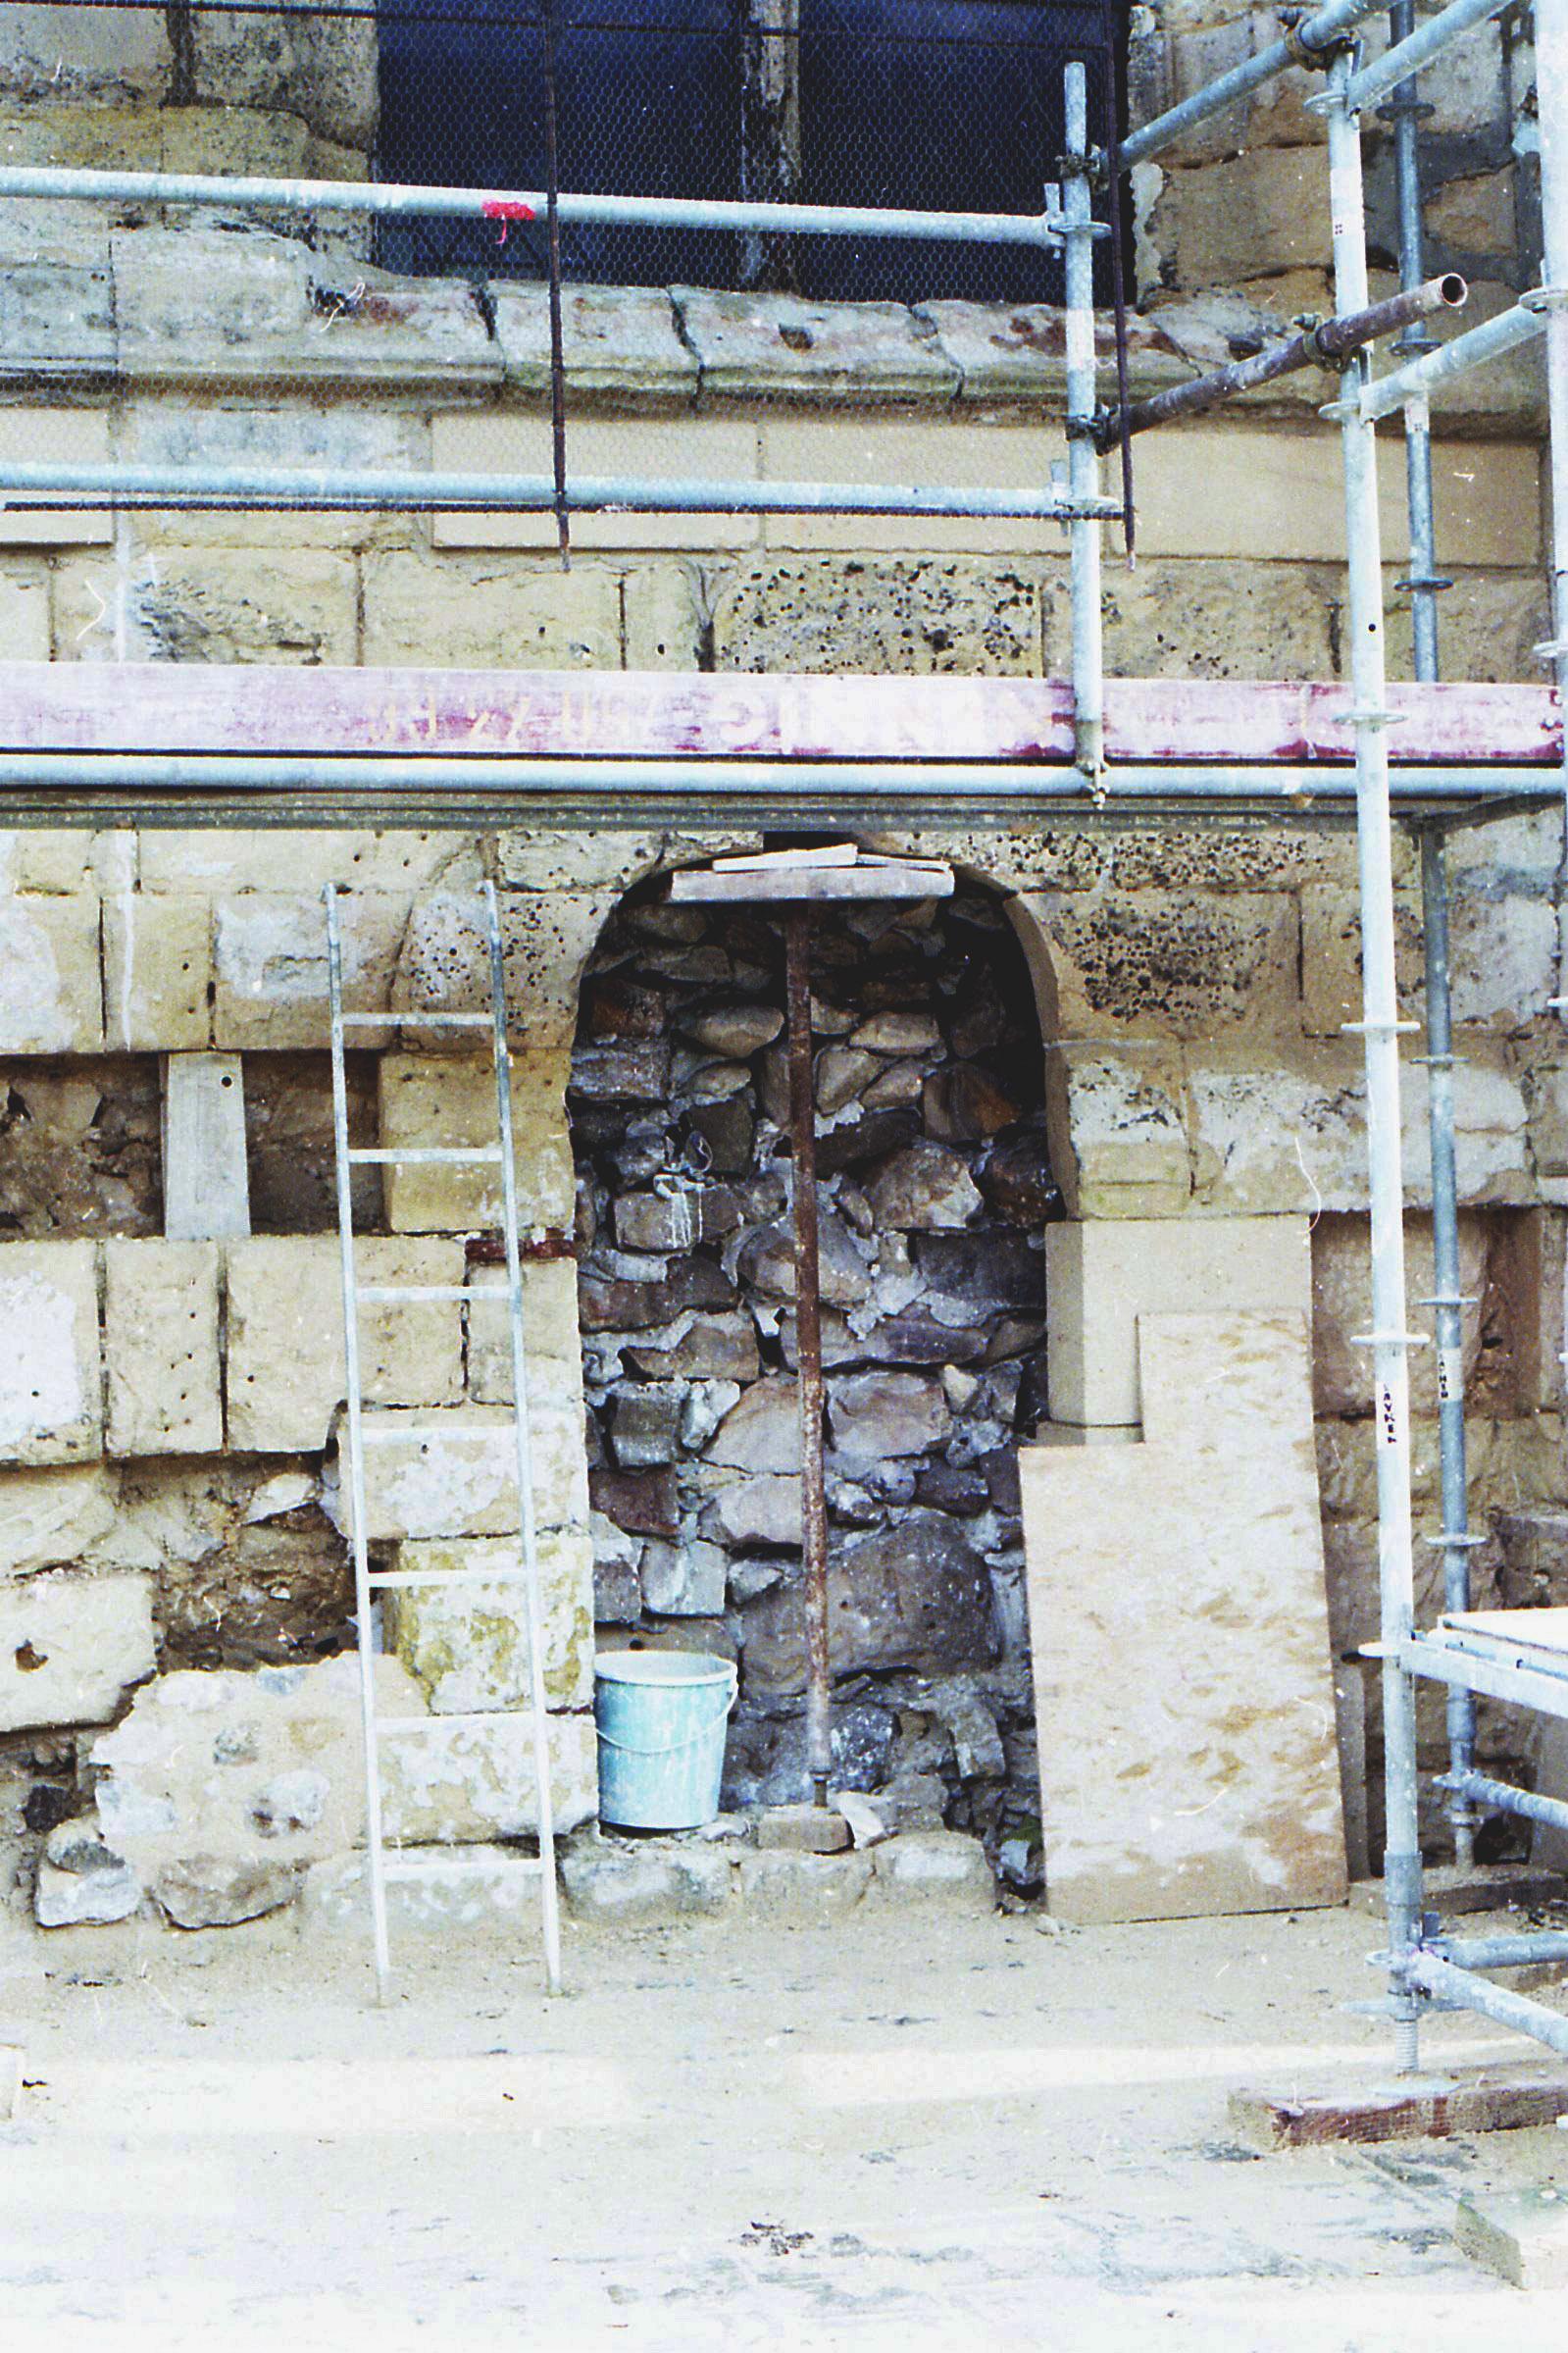 Rénovation de l'église de Survilliers 95470.jpg Français : Rénovation de l'église de Survilliers 95470 en 1992 Date 10 December 1992 Source